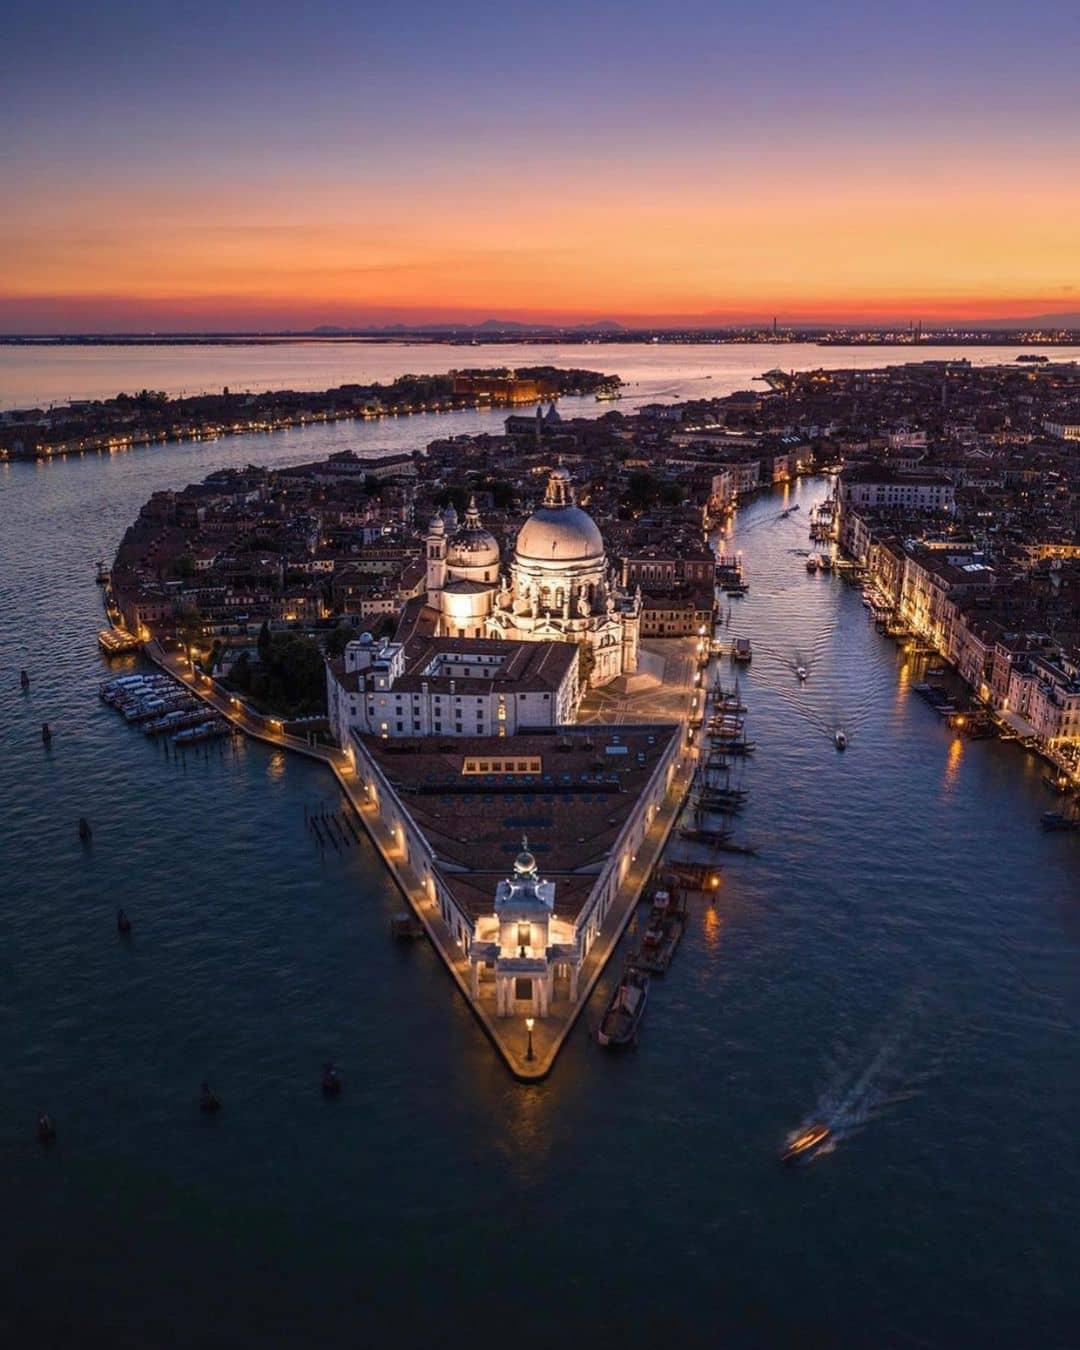 Гранд Канал в Венеции ночью